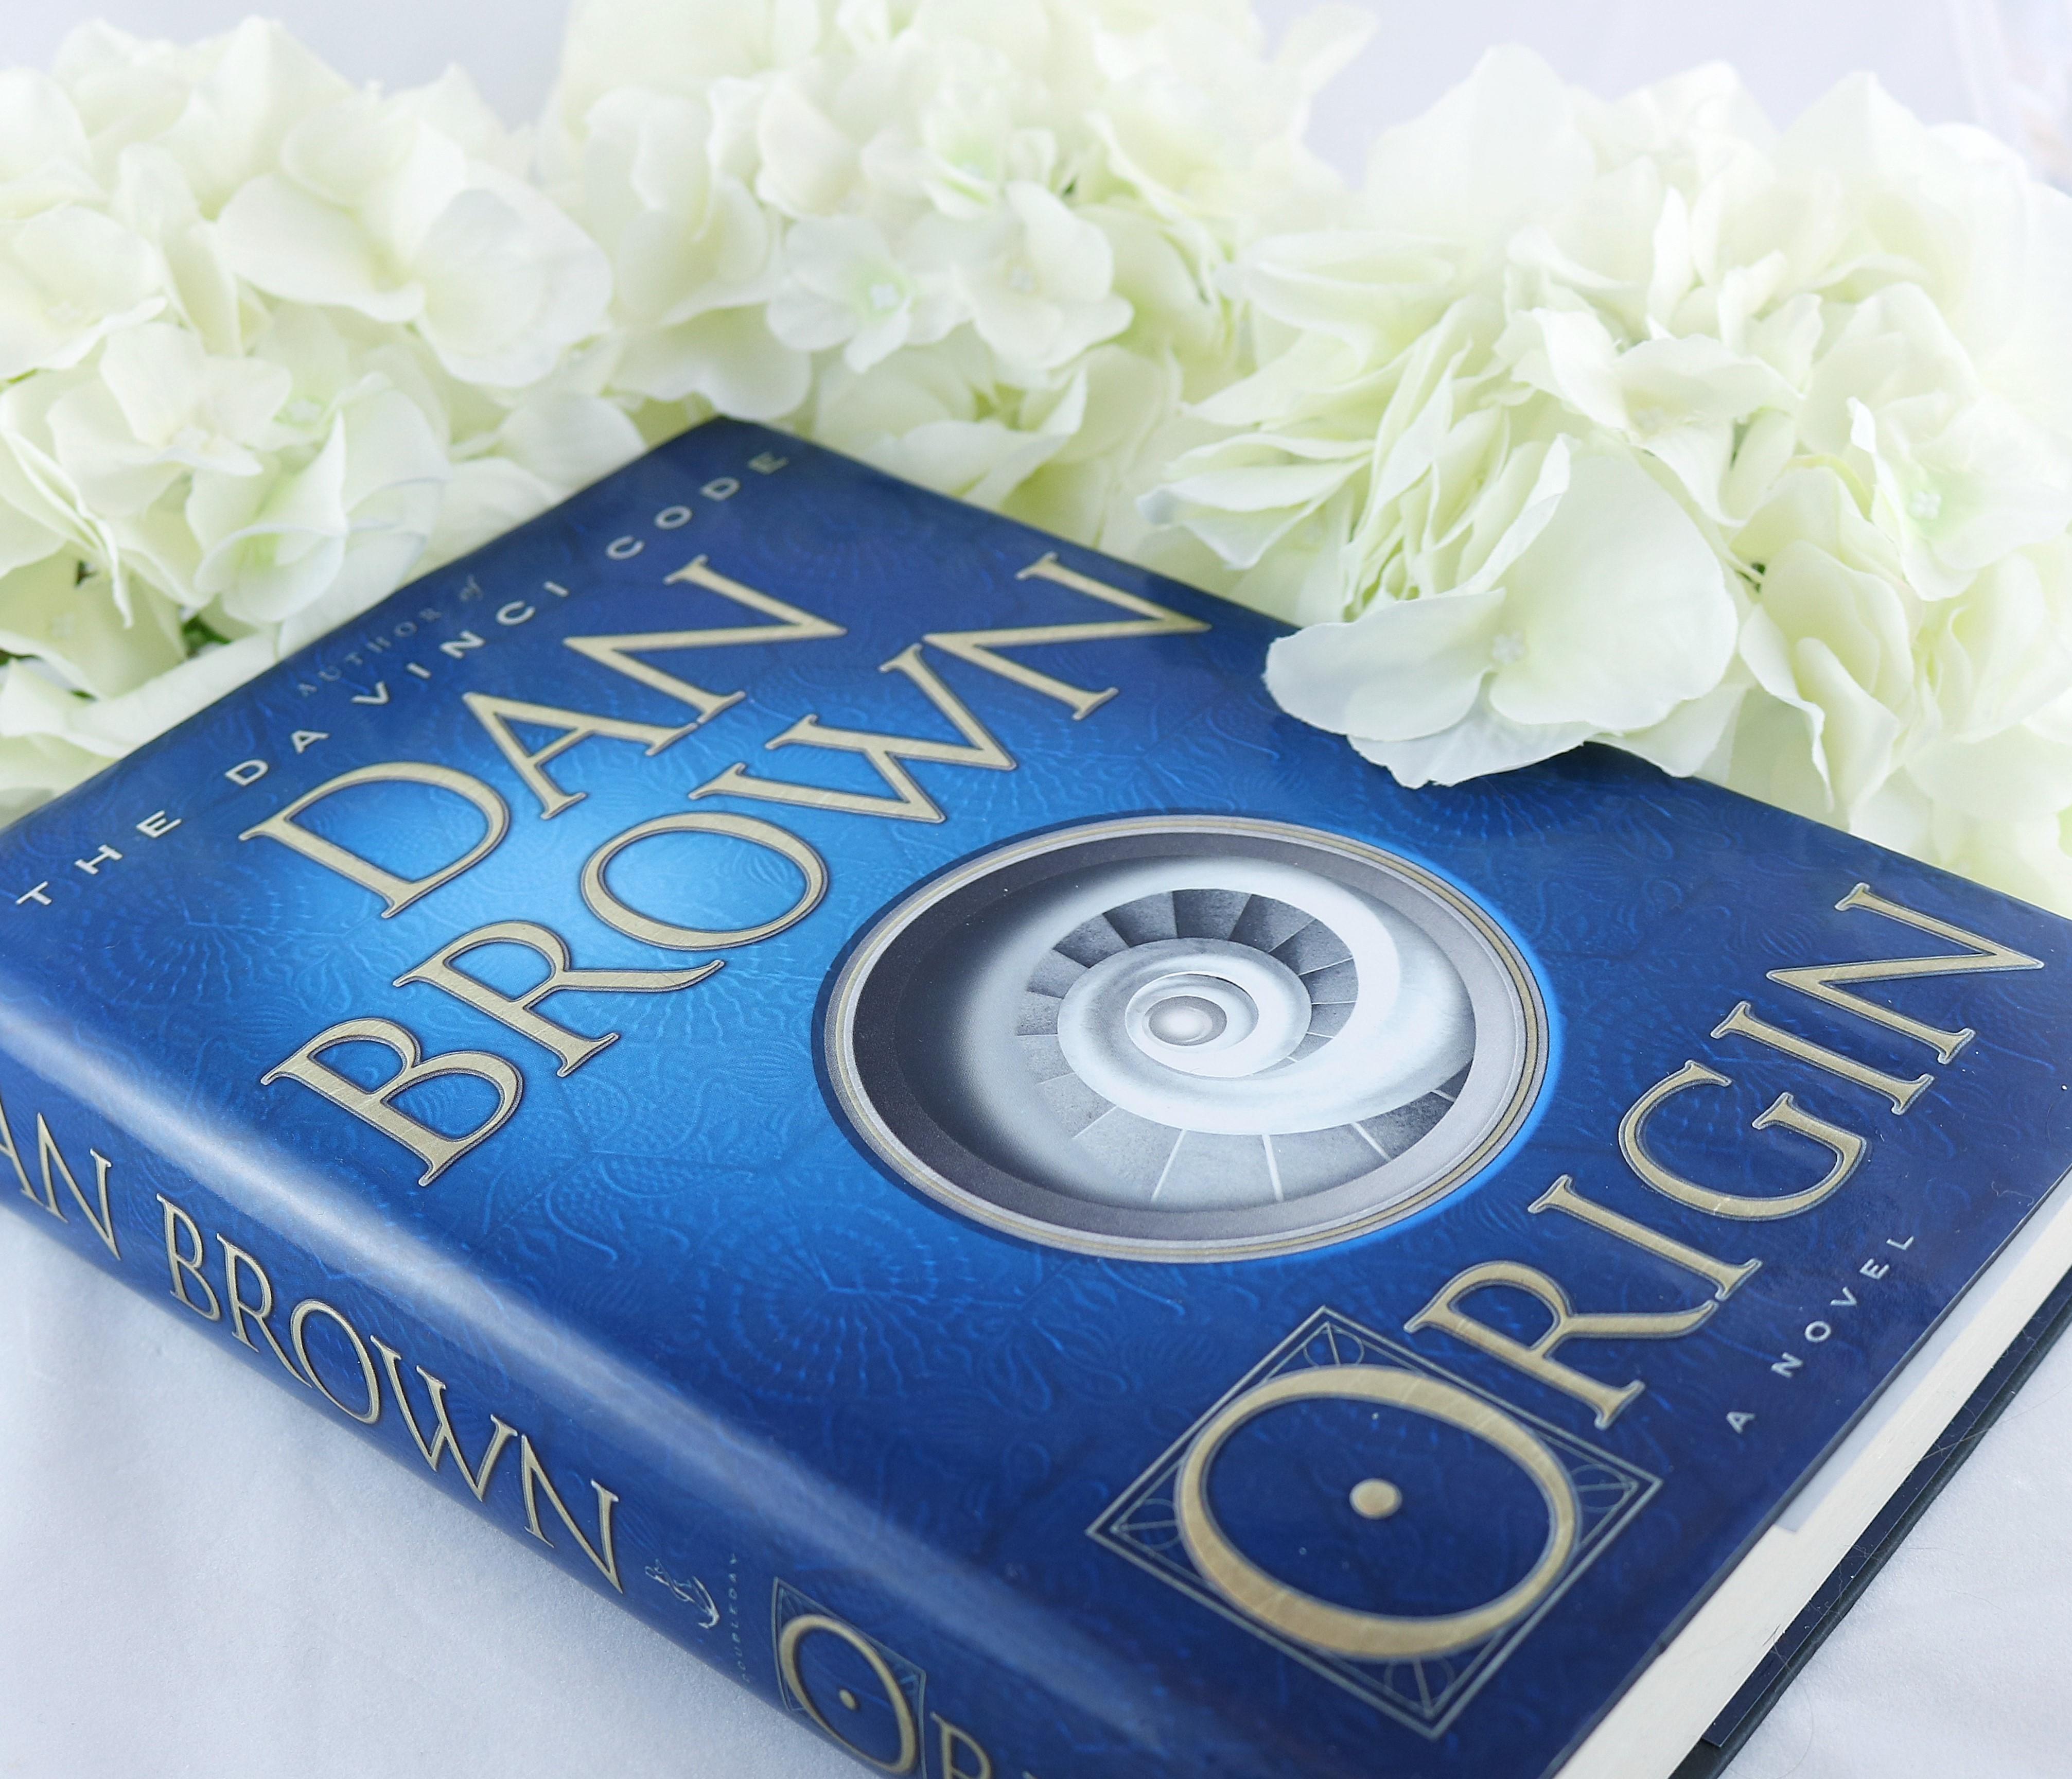 BOOK REVIEW:  Origin (Robert Langdon #5) by Dan Brown